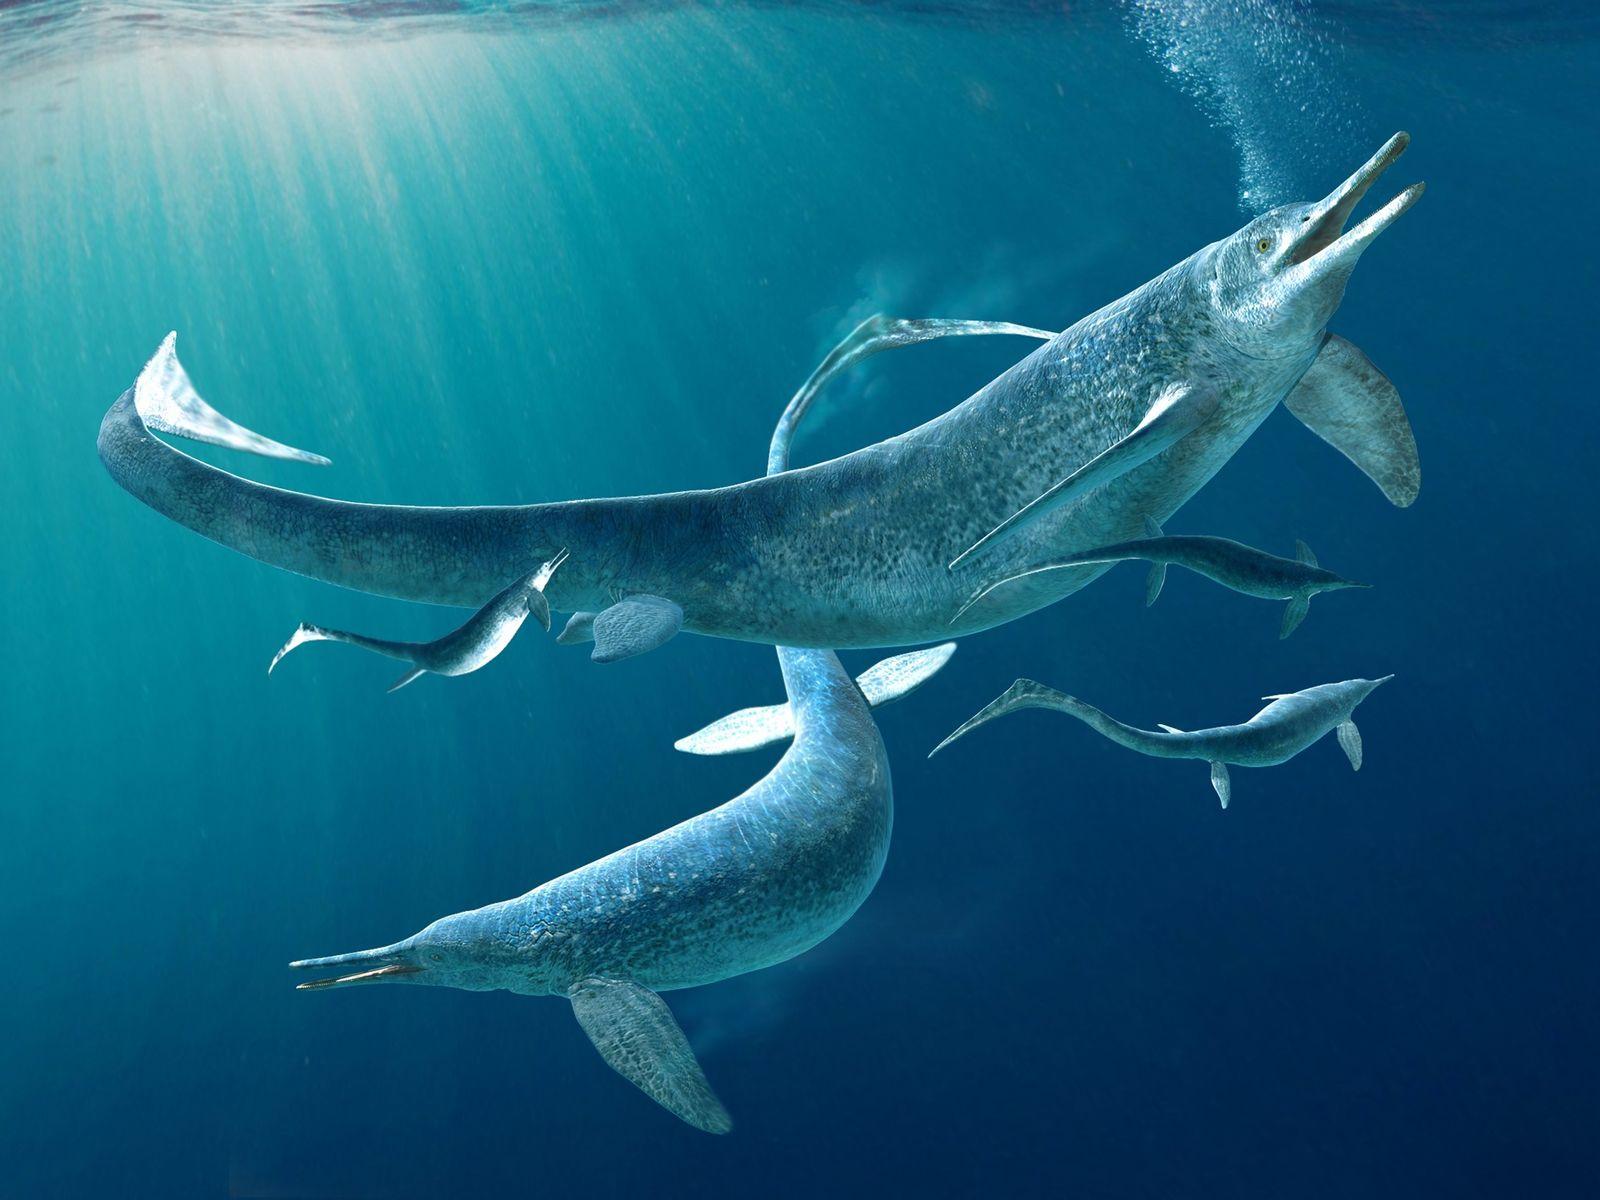 Fóssil recheado: encontrado predador marinho dentro do estômago de outro predador